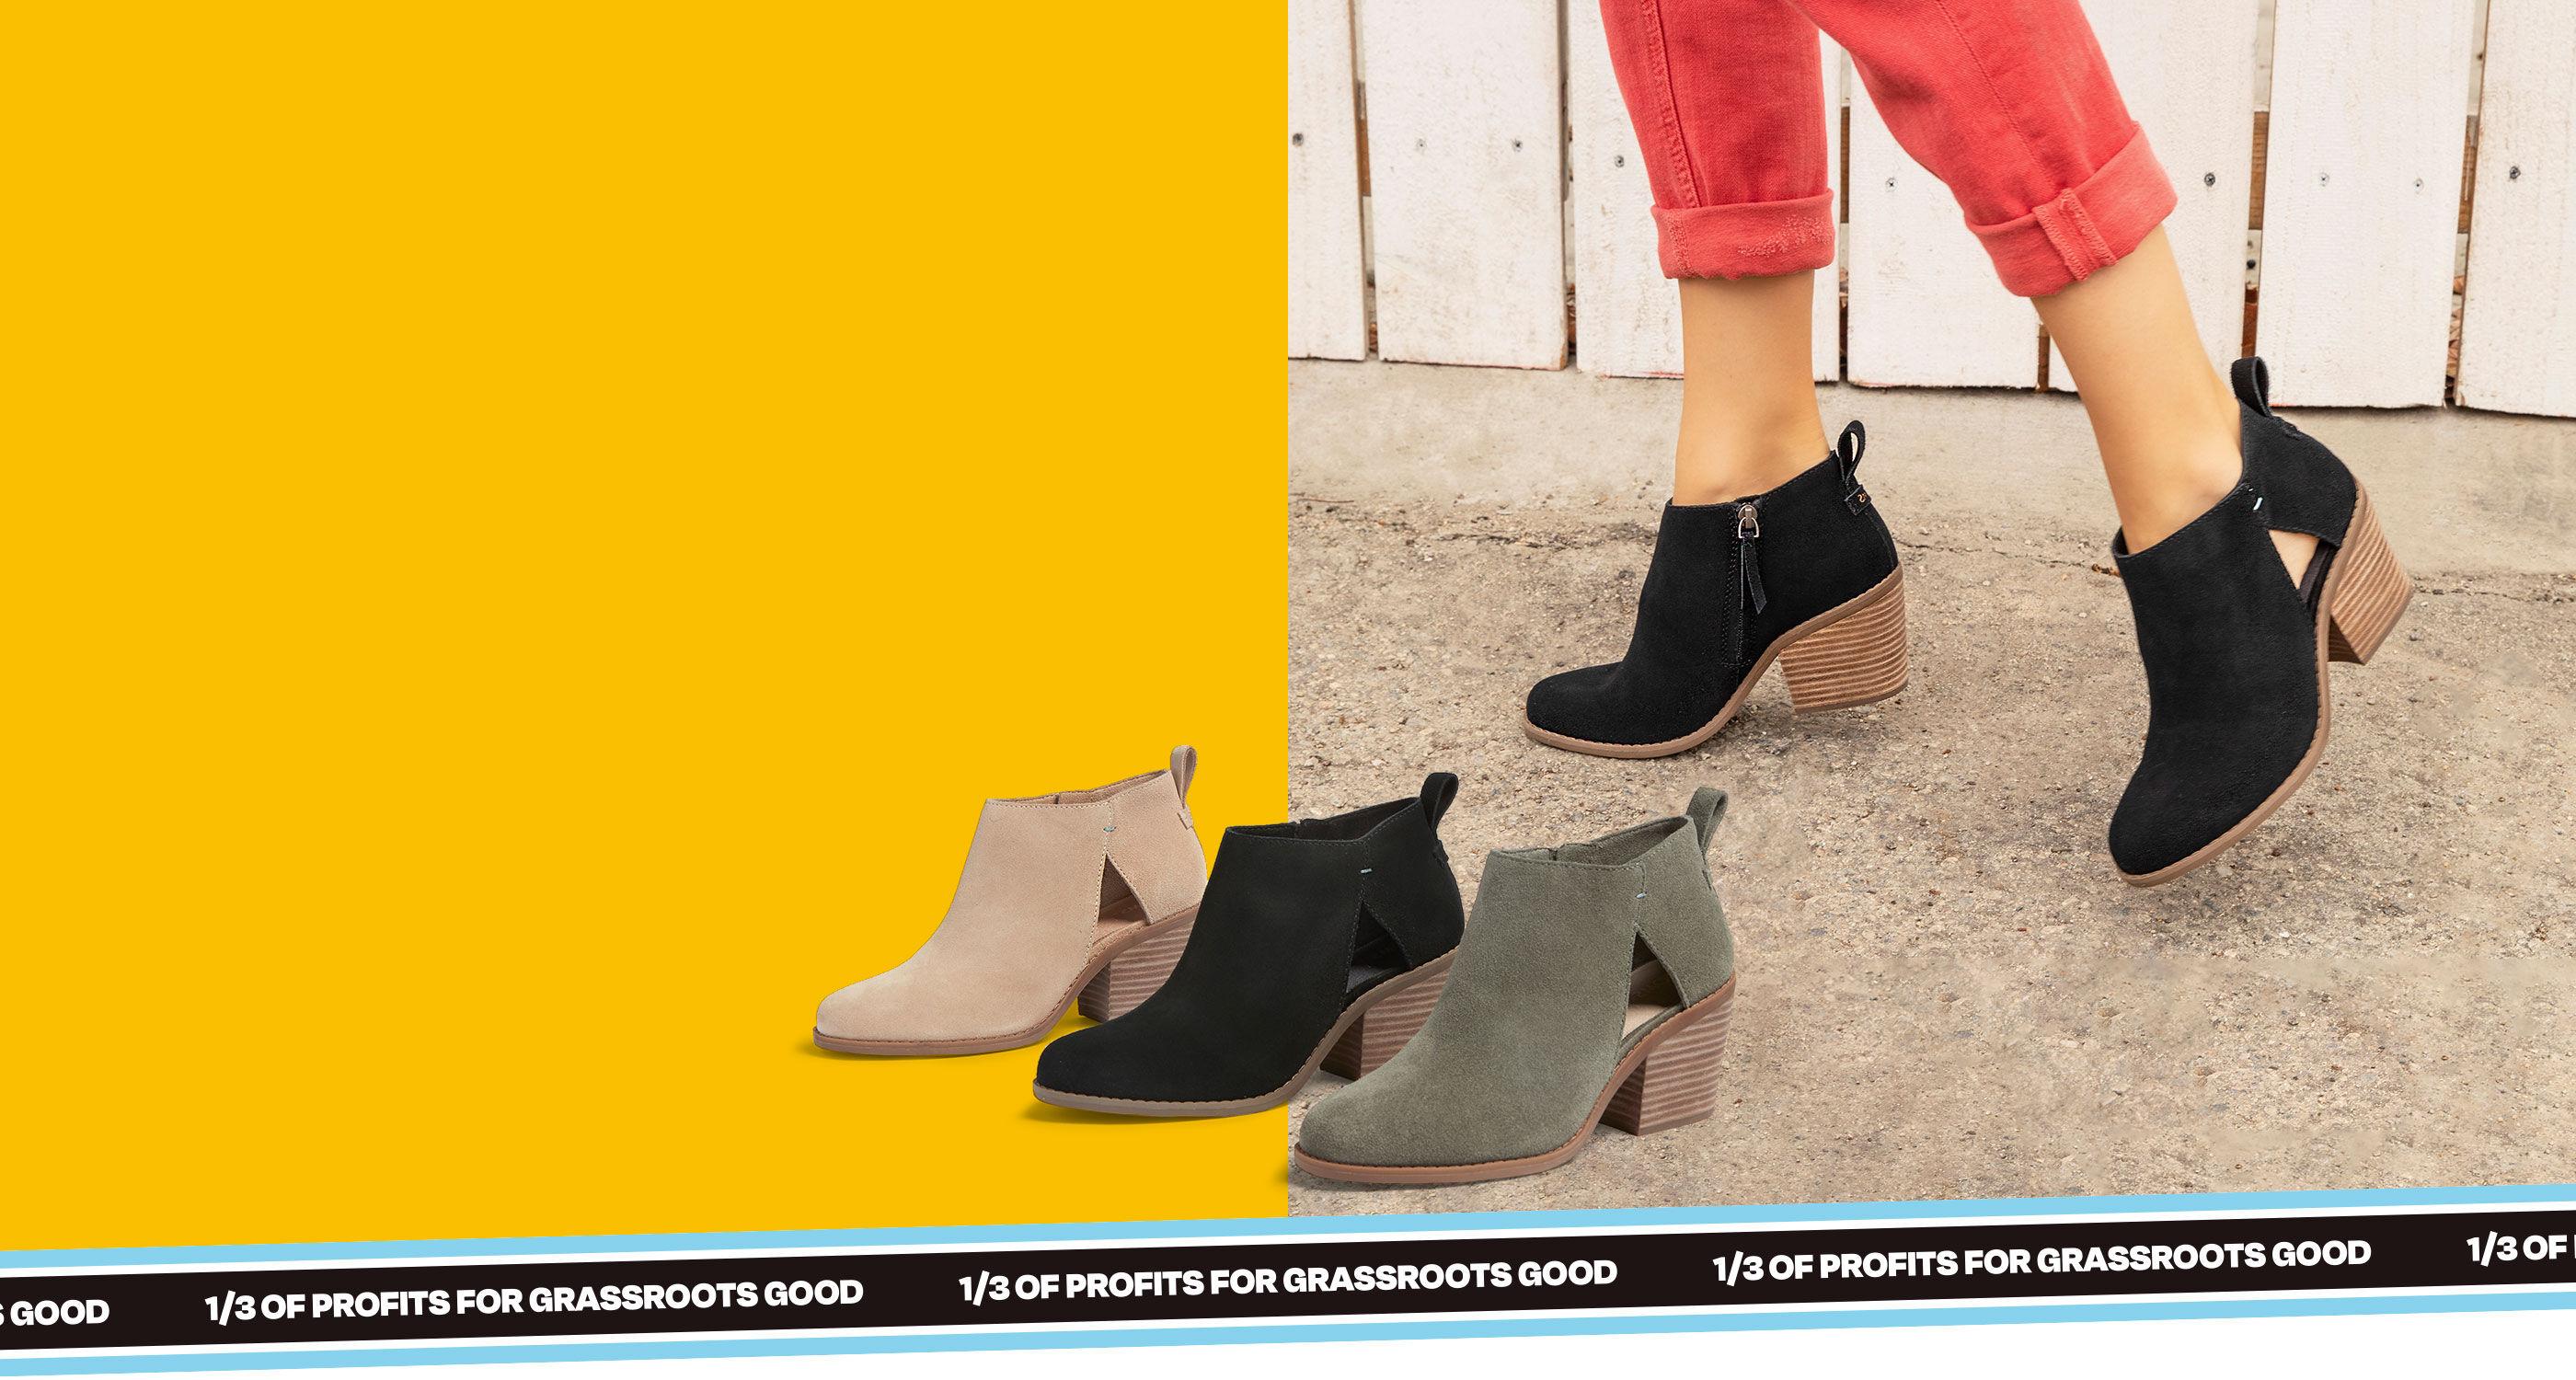 Women's Lea Bootie in various colors shown.